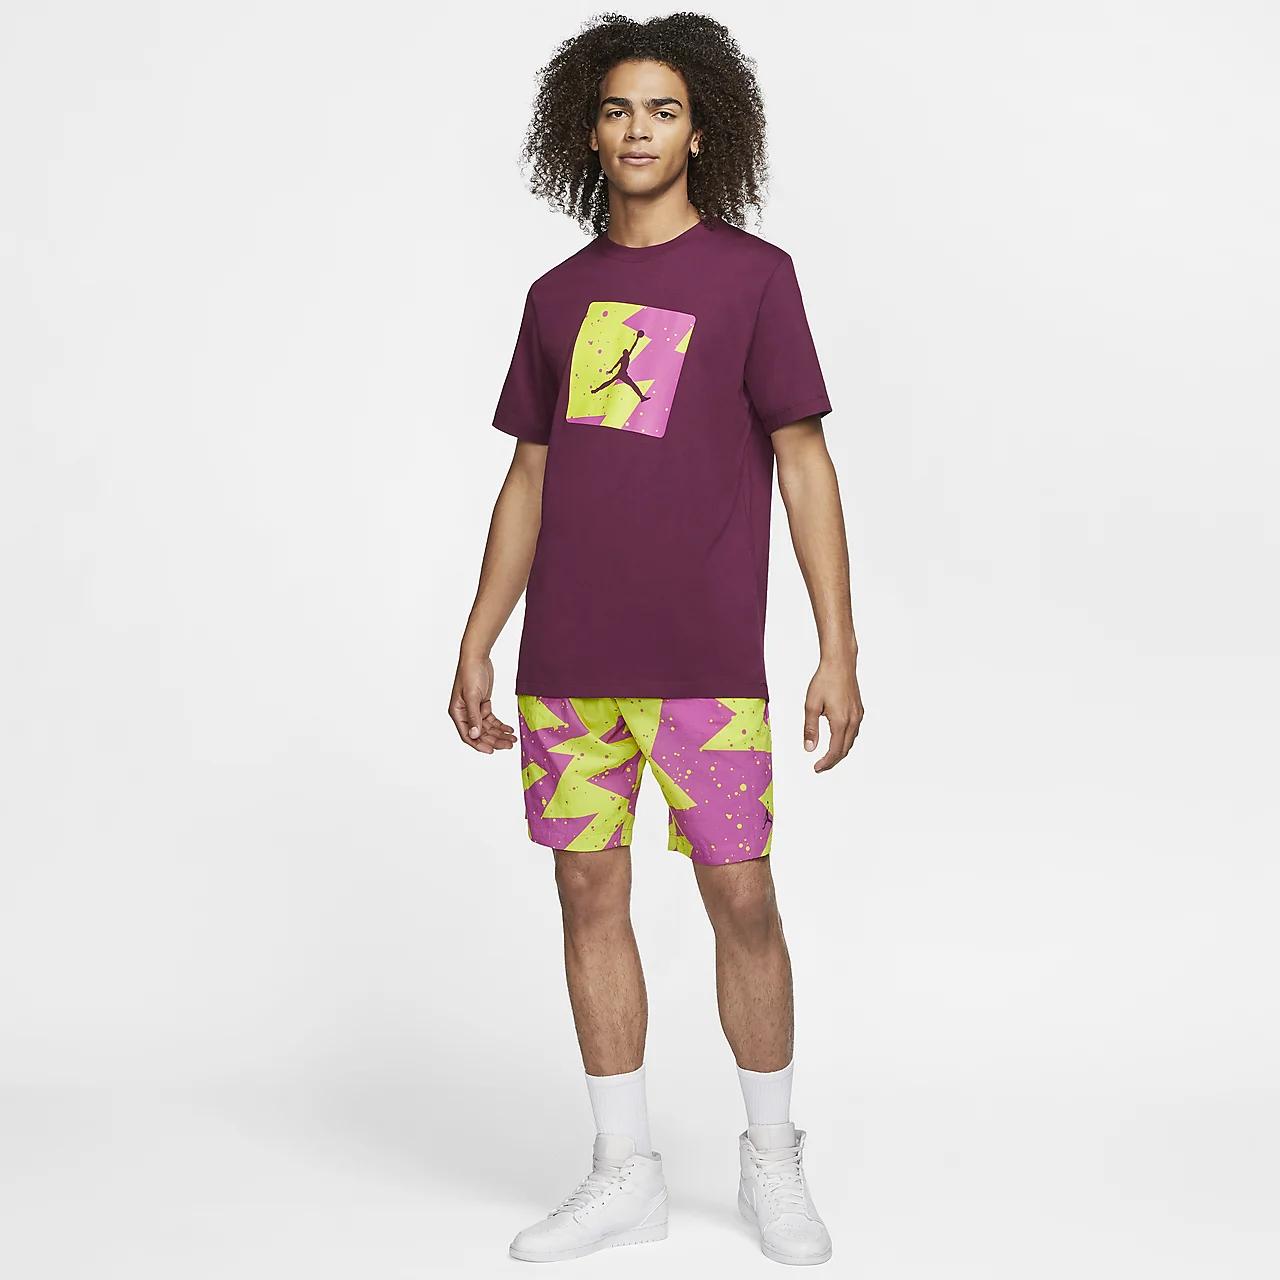 조던 풀사이드 남성 티셔츠 CJ6244-610